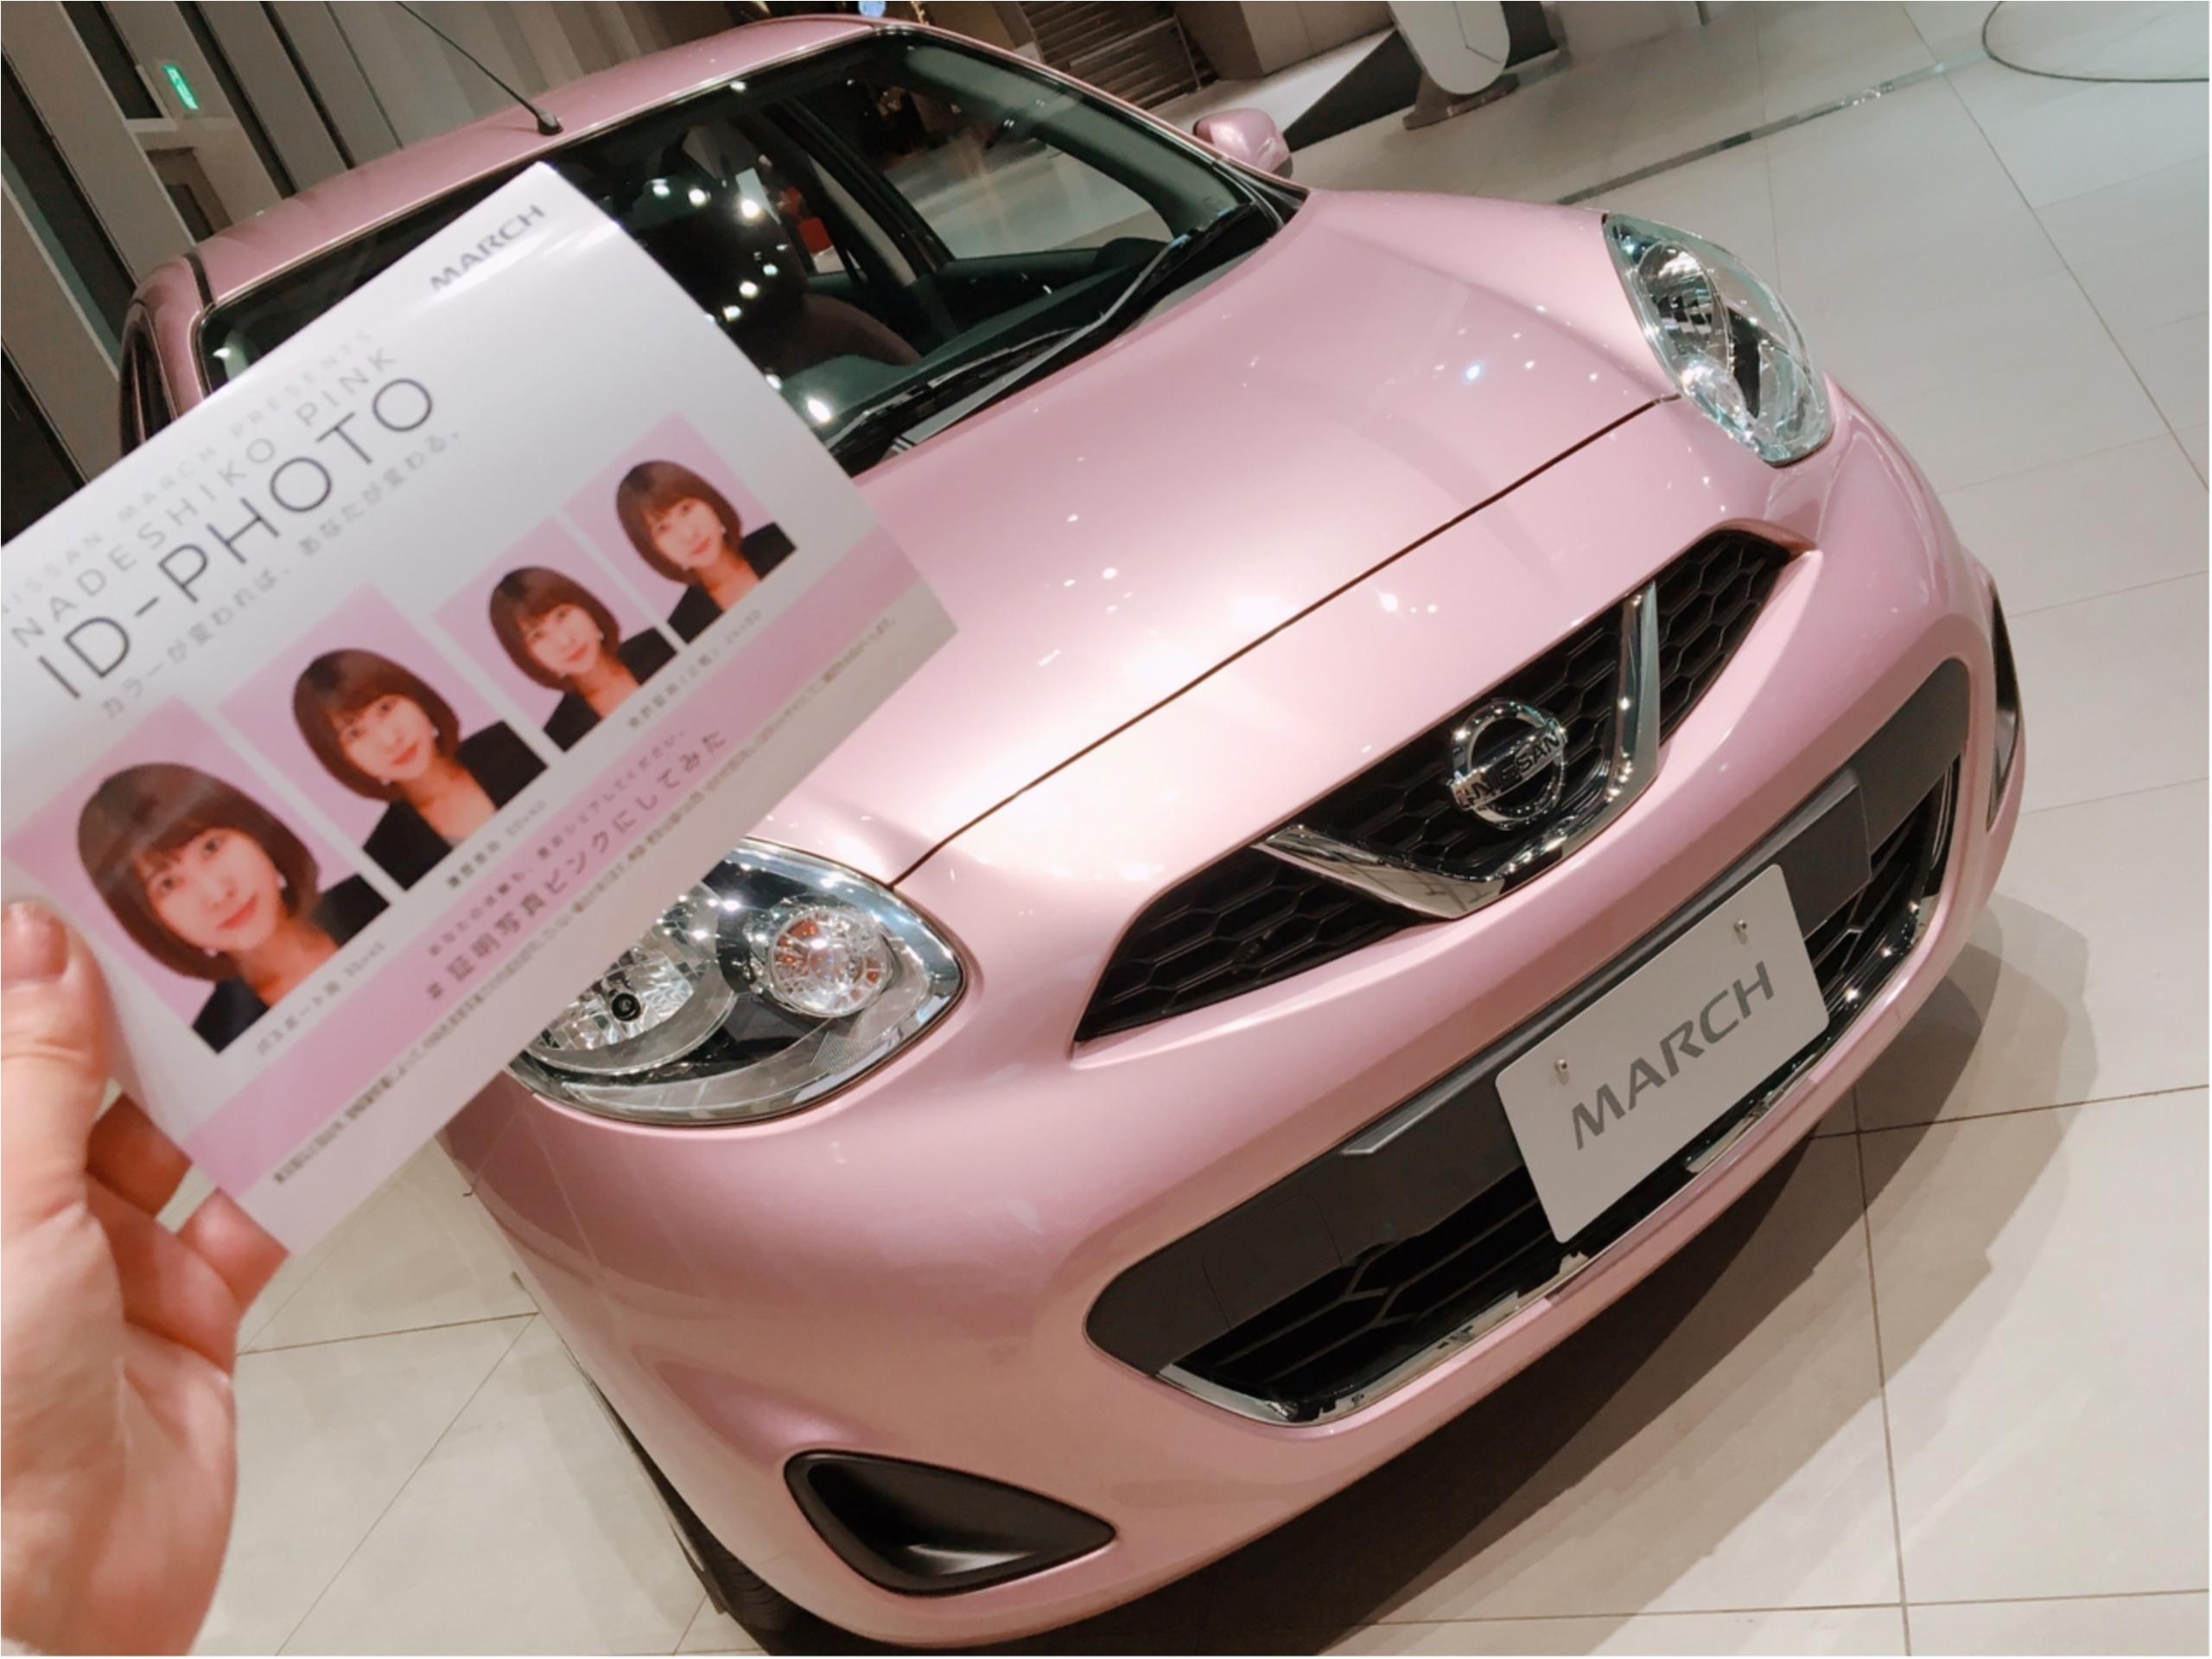 モアガールの心をわしづかみ♡ ピンクの絵馬に、ピンクの免許証もお目見え! 今週の「ご当地モア」ランキングトップ5!_1_5